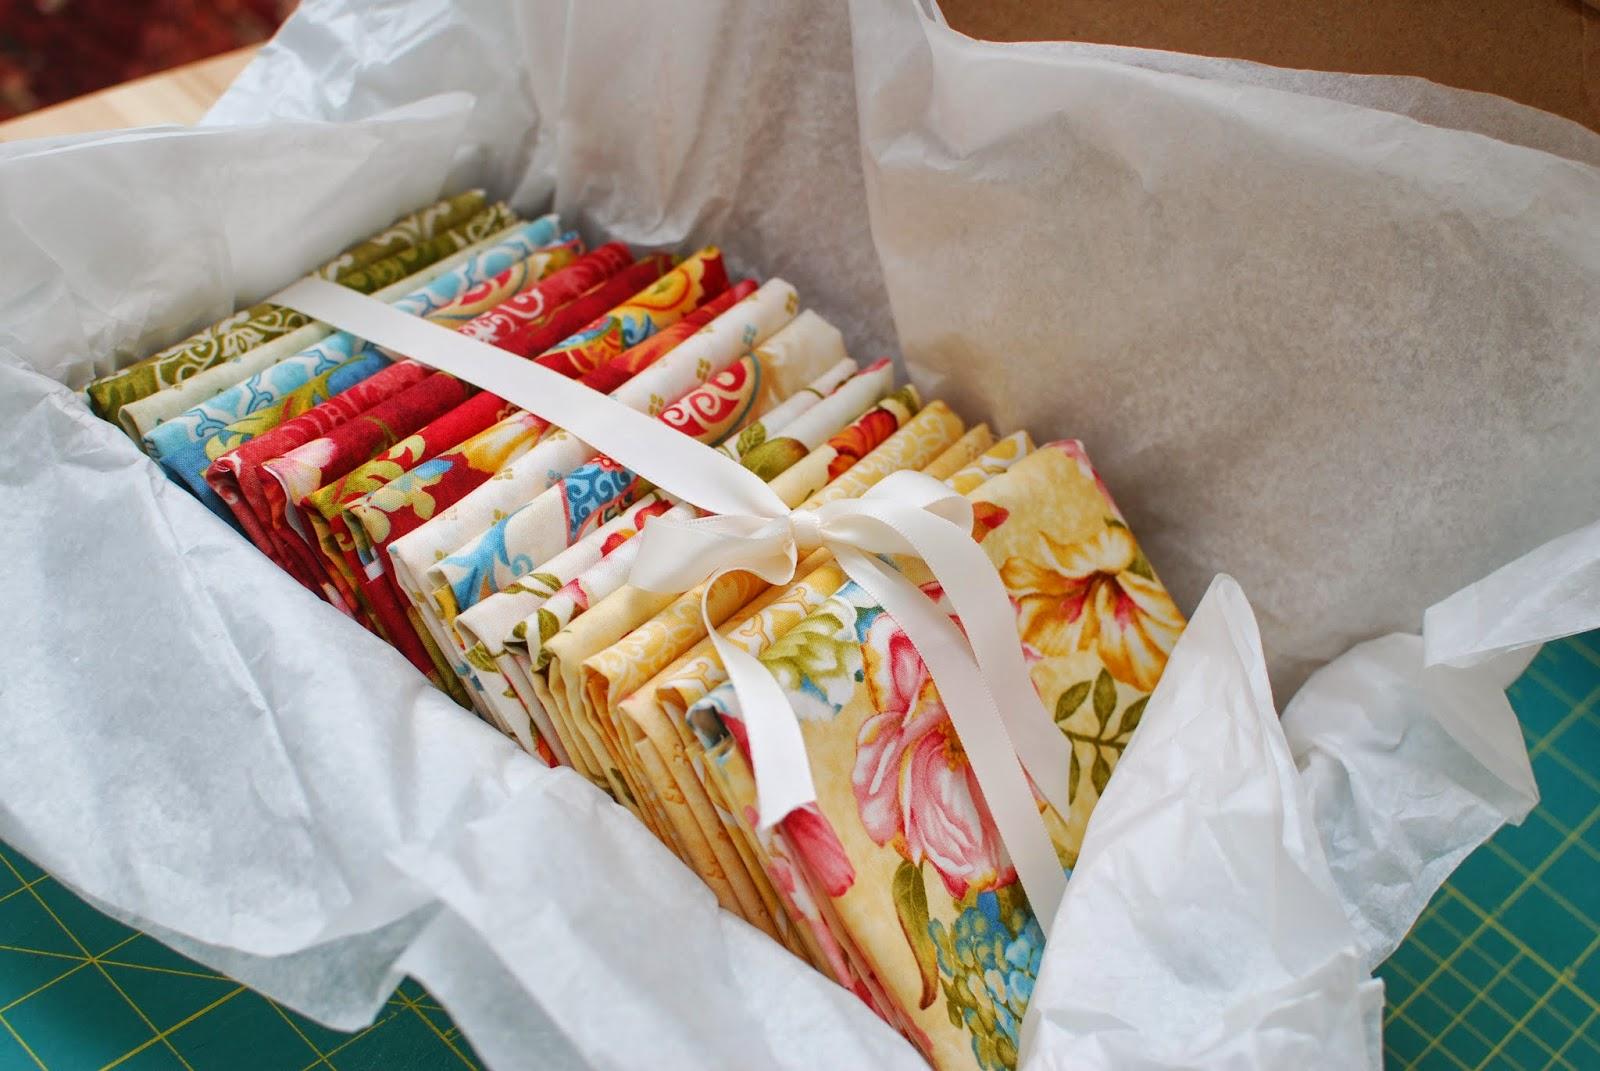 http://2.bp.blogspot.com/-o2e6lZnA8Wk/Uzbxfcb35bI/AAAAAAAAIs8/MazYcQnanqk/s1600/flower+girl+give+away.jpg